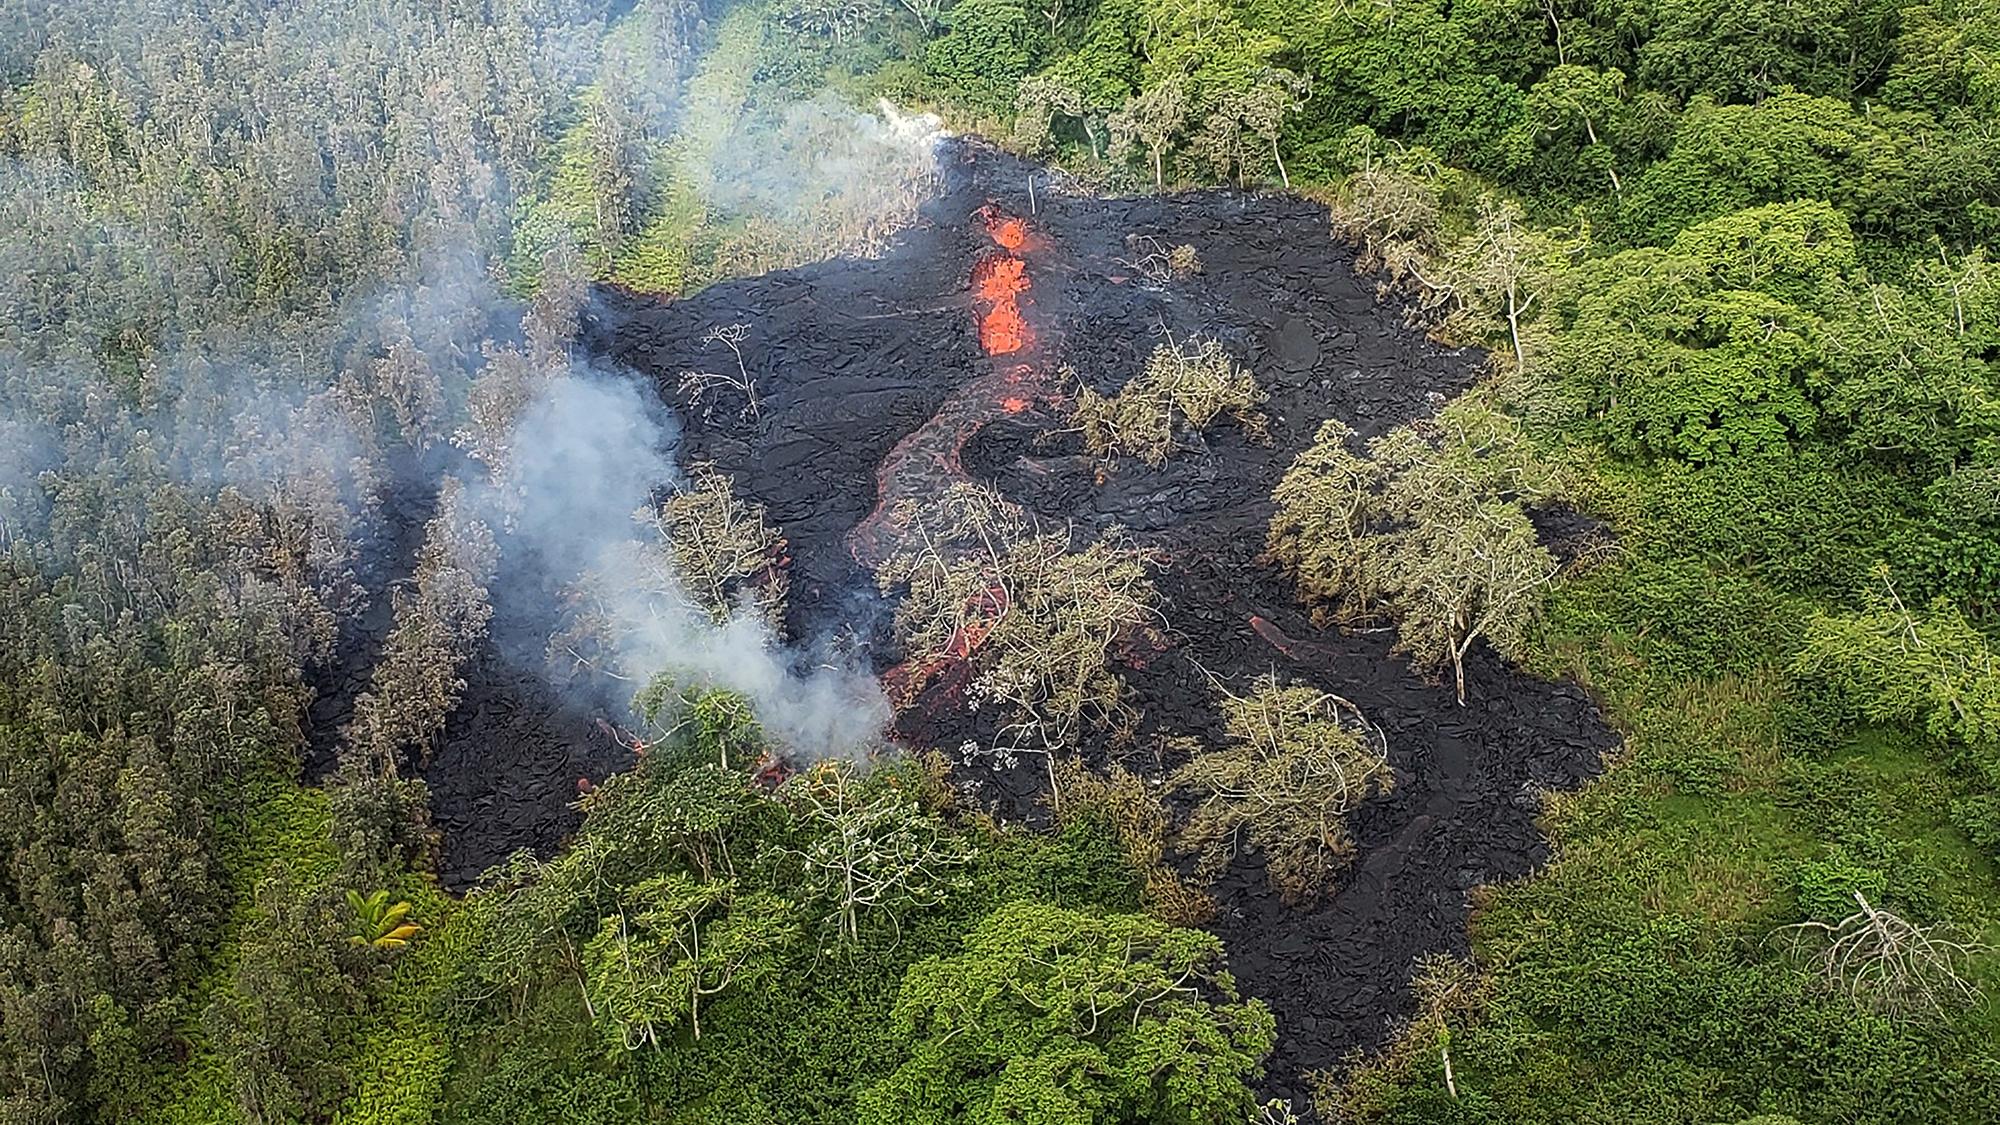 Noisy Lava Fissure Prompts More Evacuations On Big Island